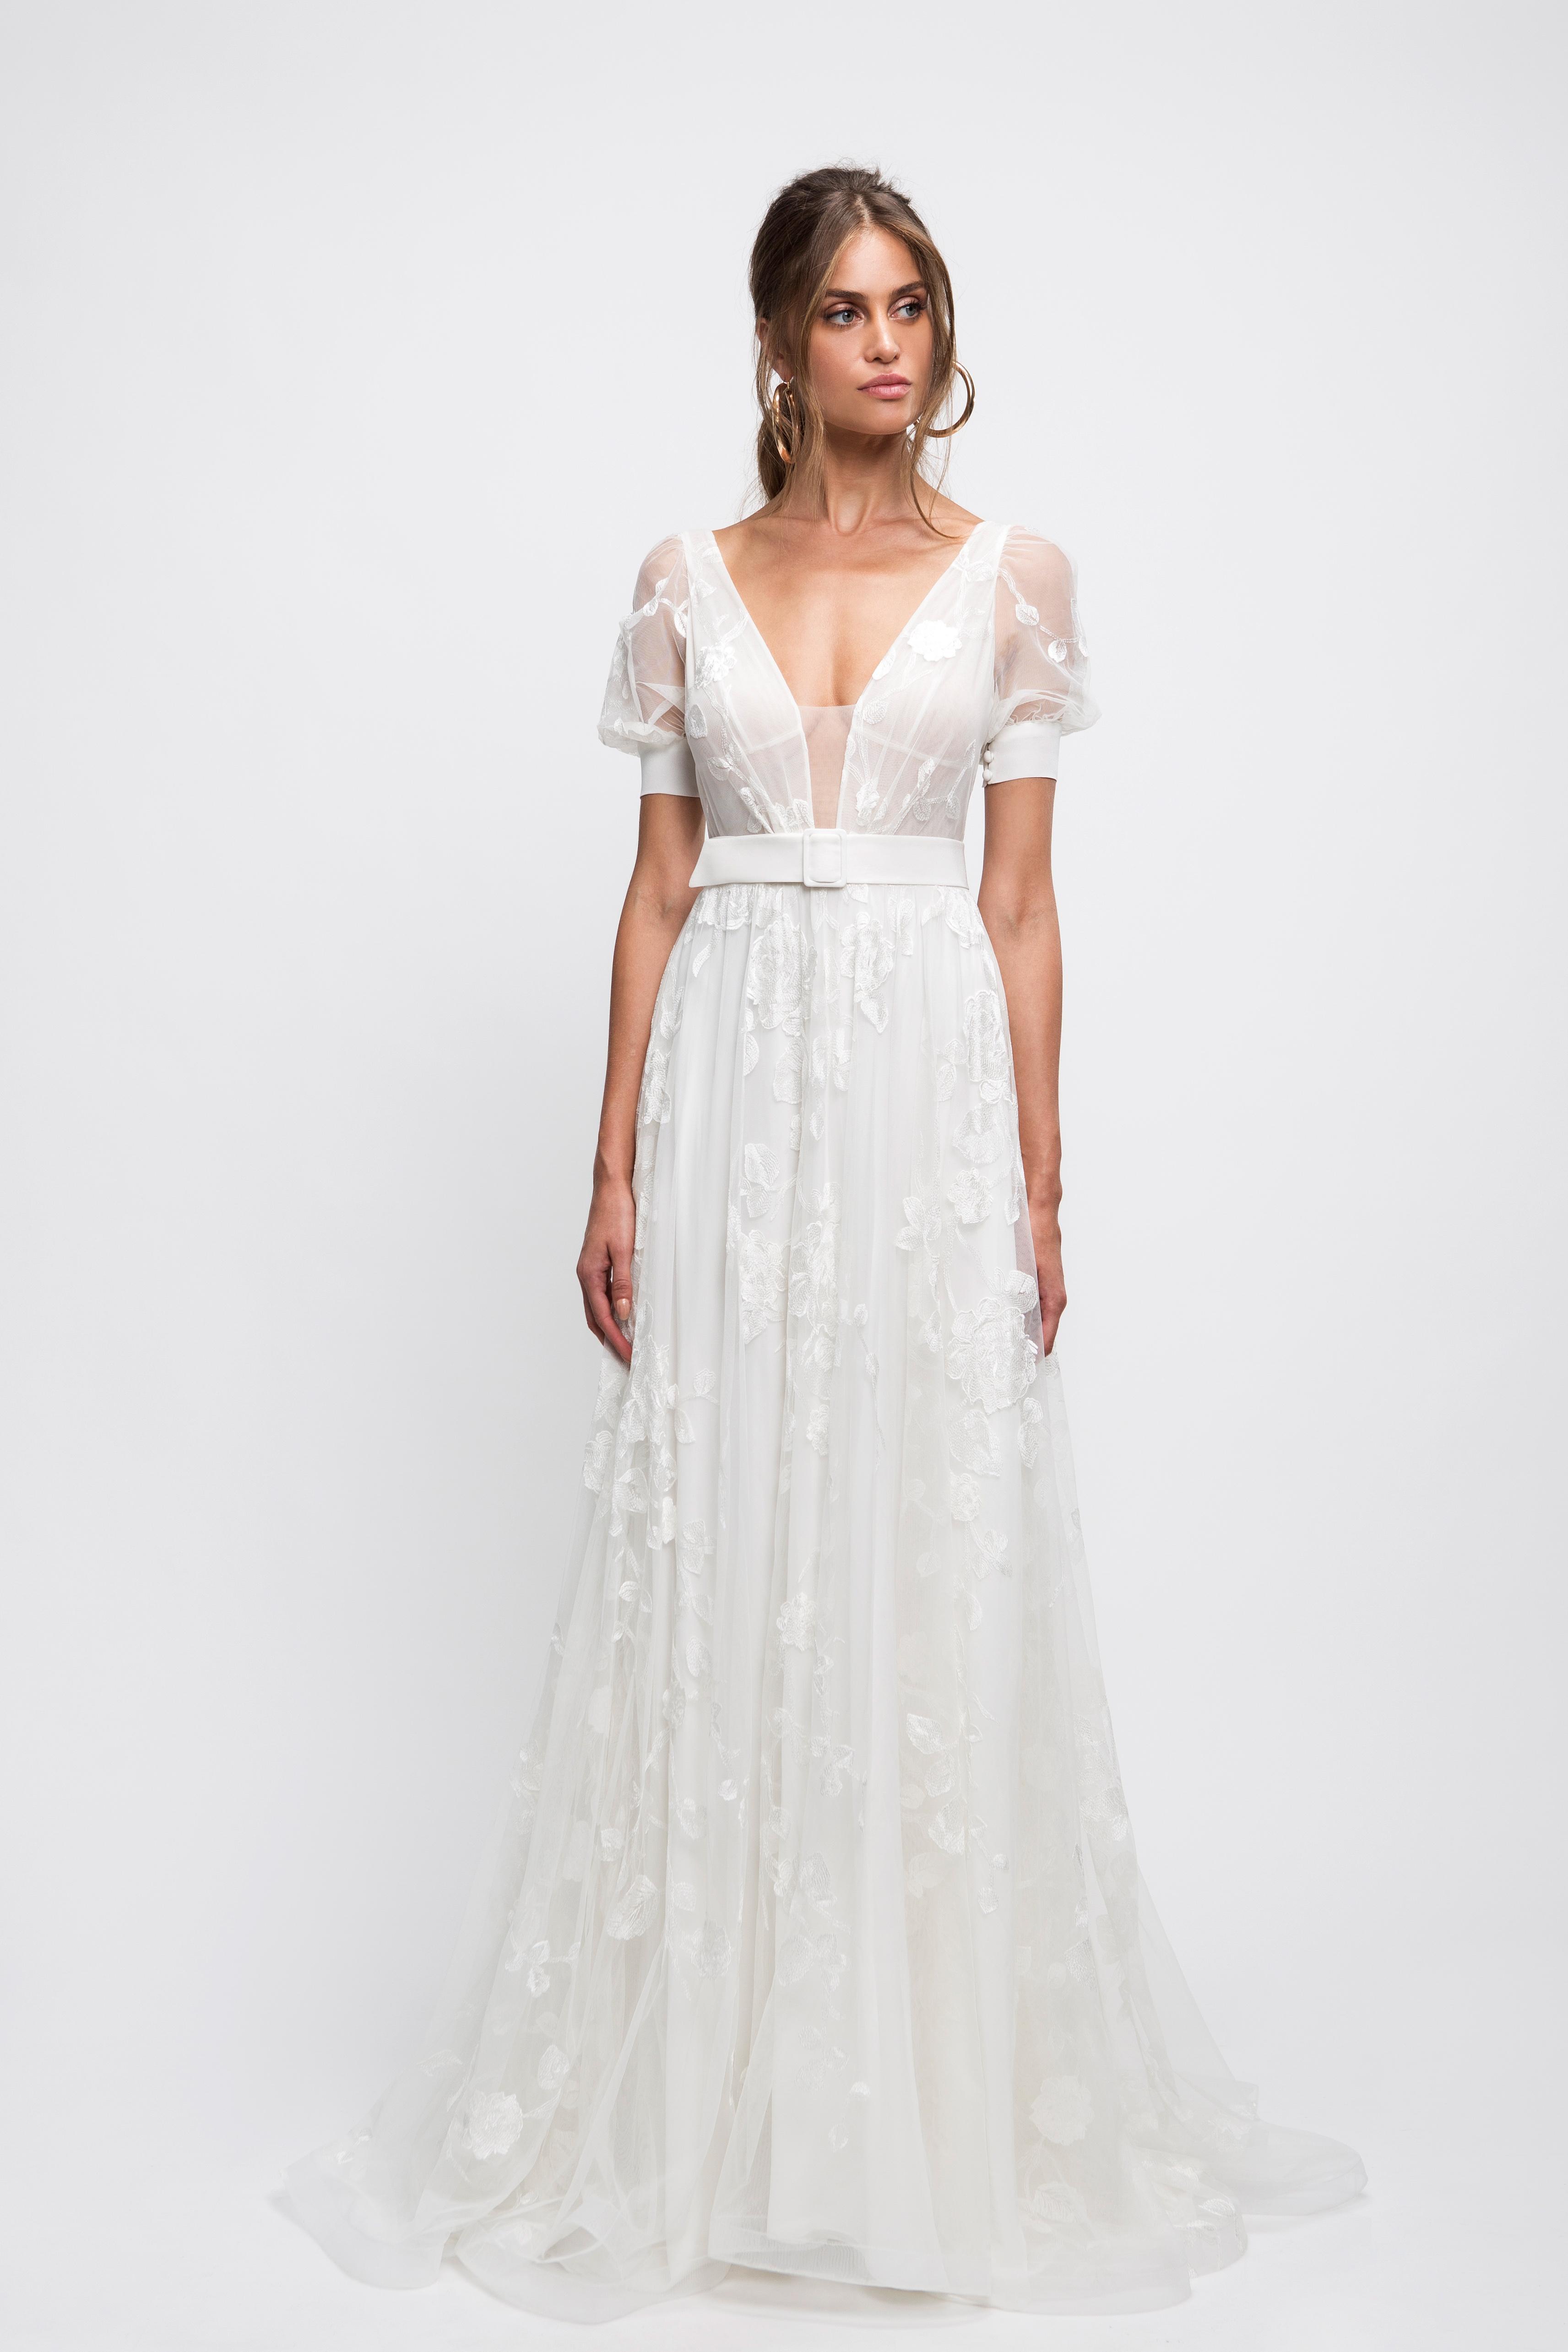 lihi hod wedding dress short sleeves v-neck floral applique